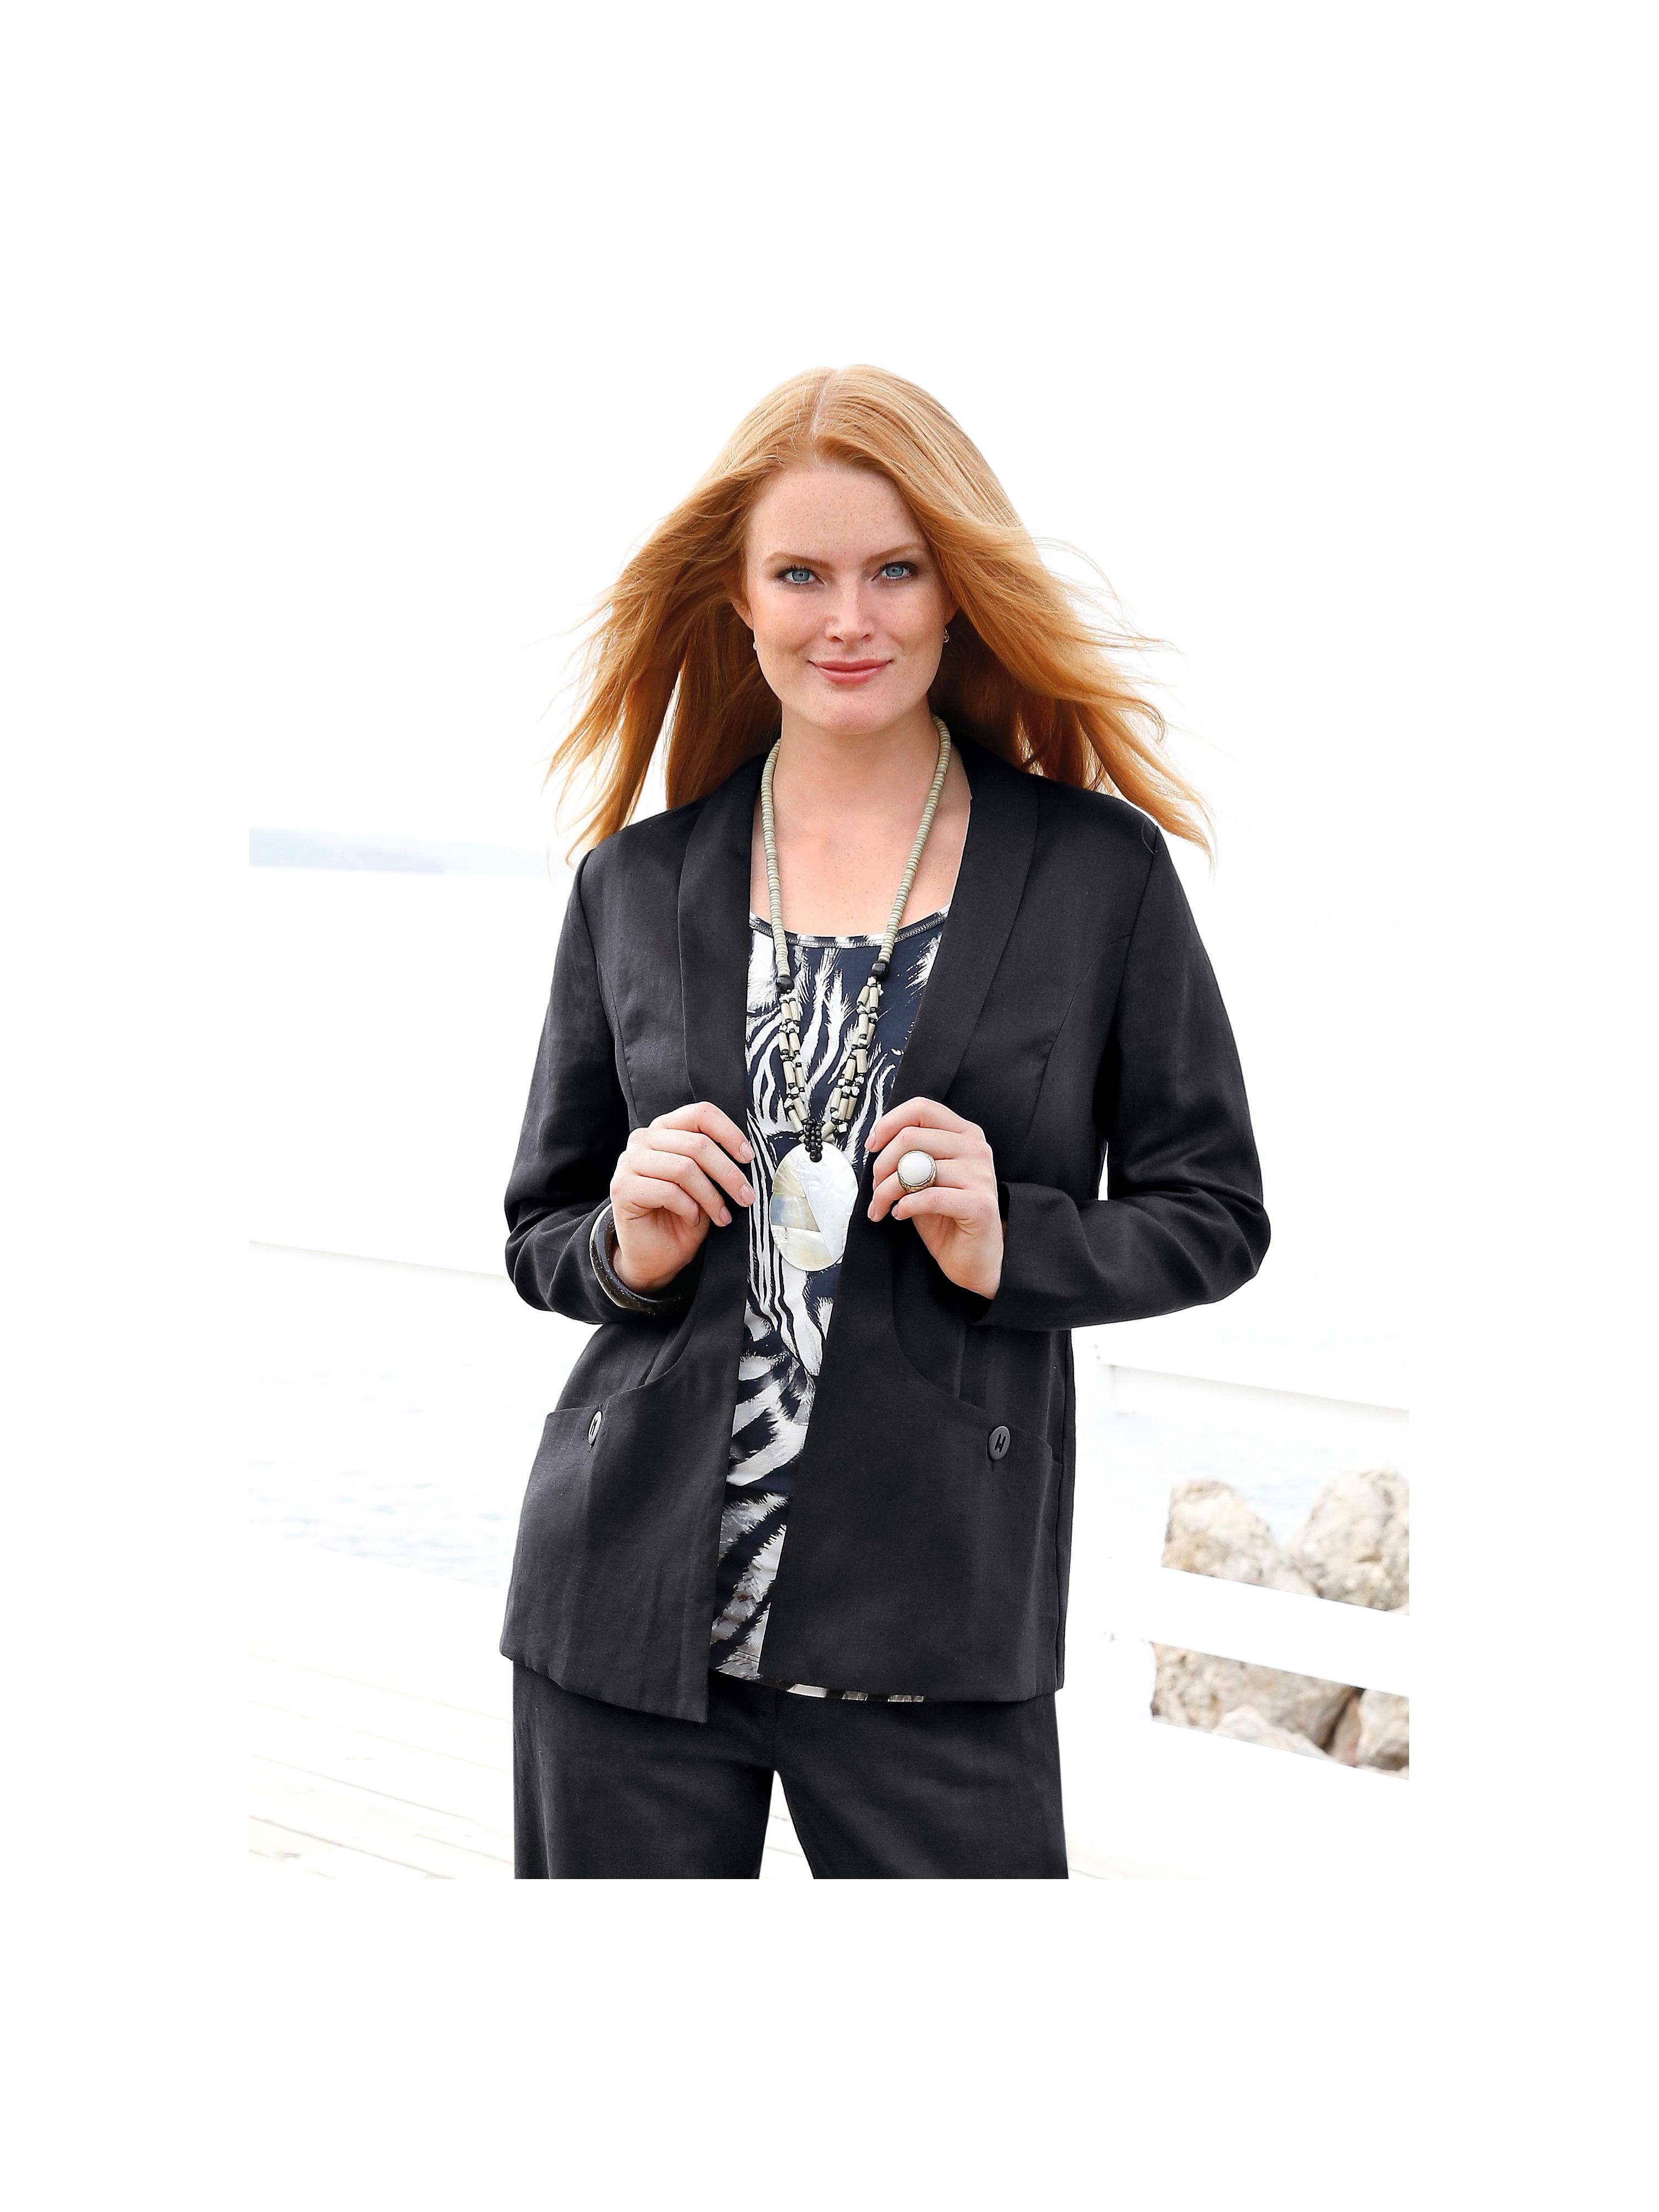 Blazer aus reinem Leinen Anna Aura schwarz Größe: 42€ 219,95Anbieter:  peterhahn.atVersand: € 5,95